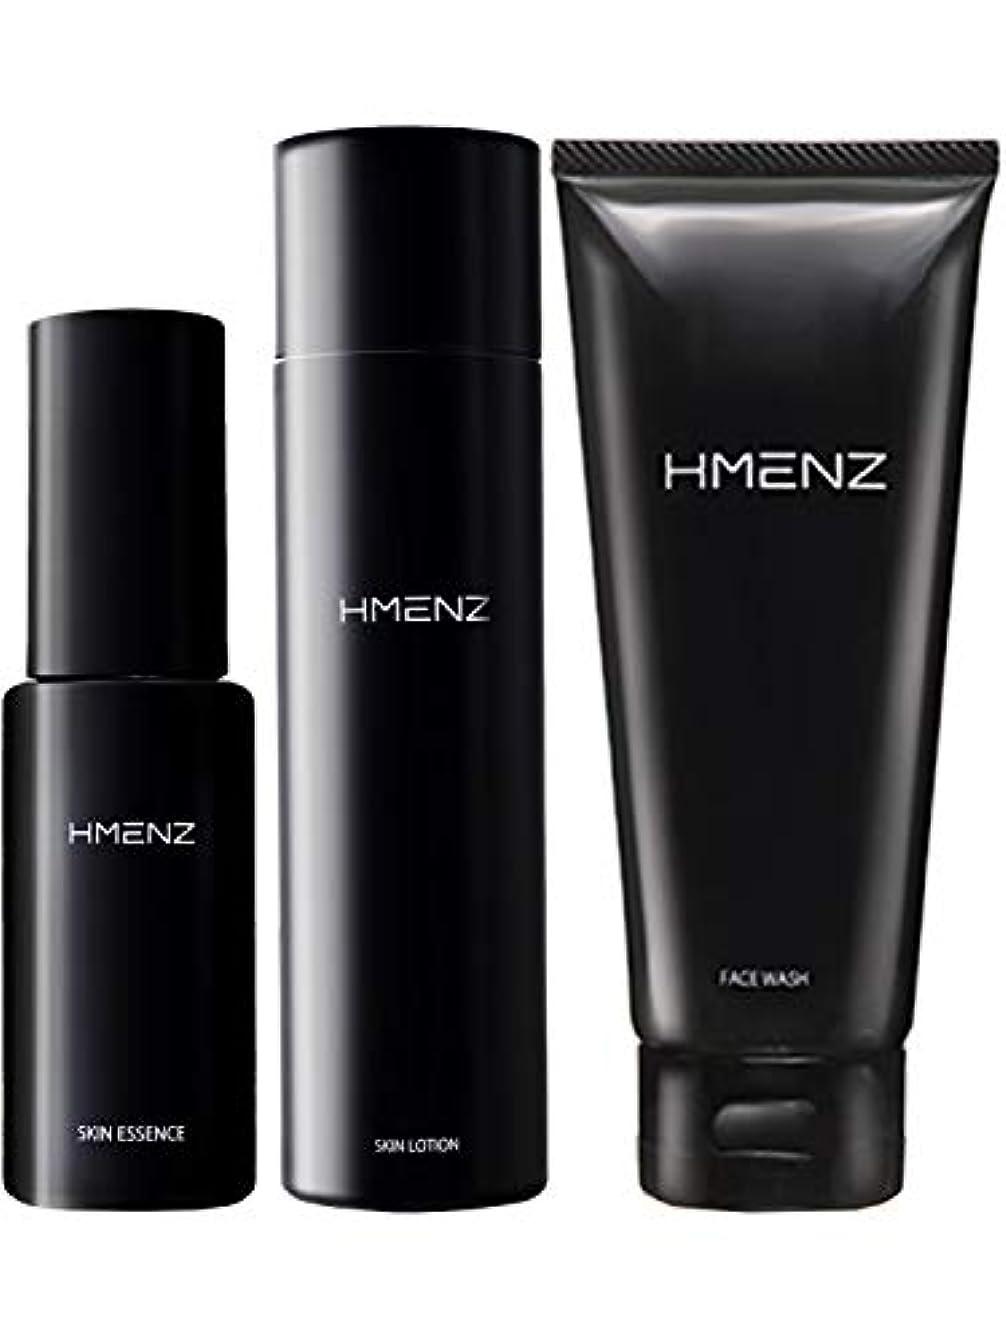 試験脈拍きれいに医薬部外品 HMENZ 【 メンズ 洗顔 化粧水 美容液 セット 】「 保湿 シミ対策 男性用 エイジングケア 」「 無添加 洗顔料 アフターシェーブローション オールインワン 」 100g + 150ml + 50ml